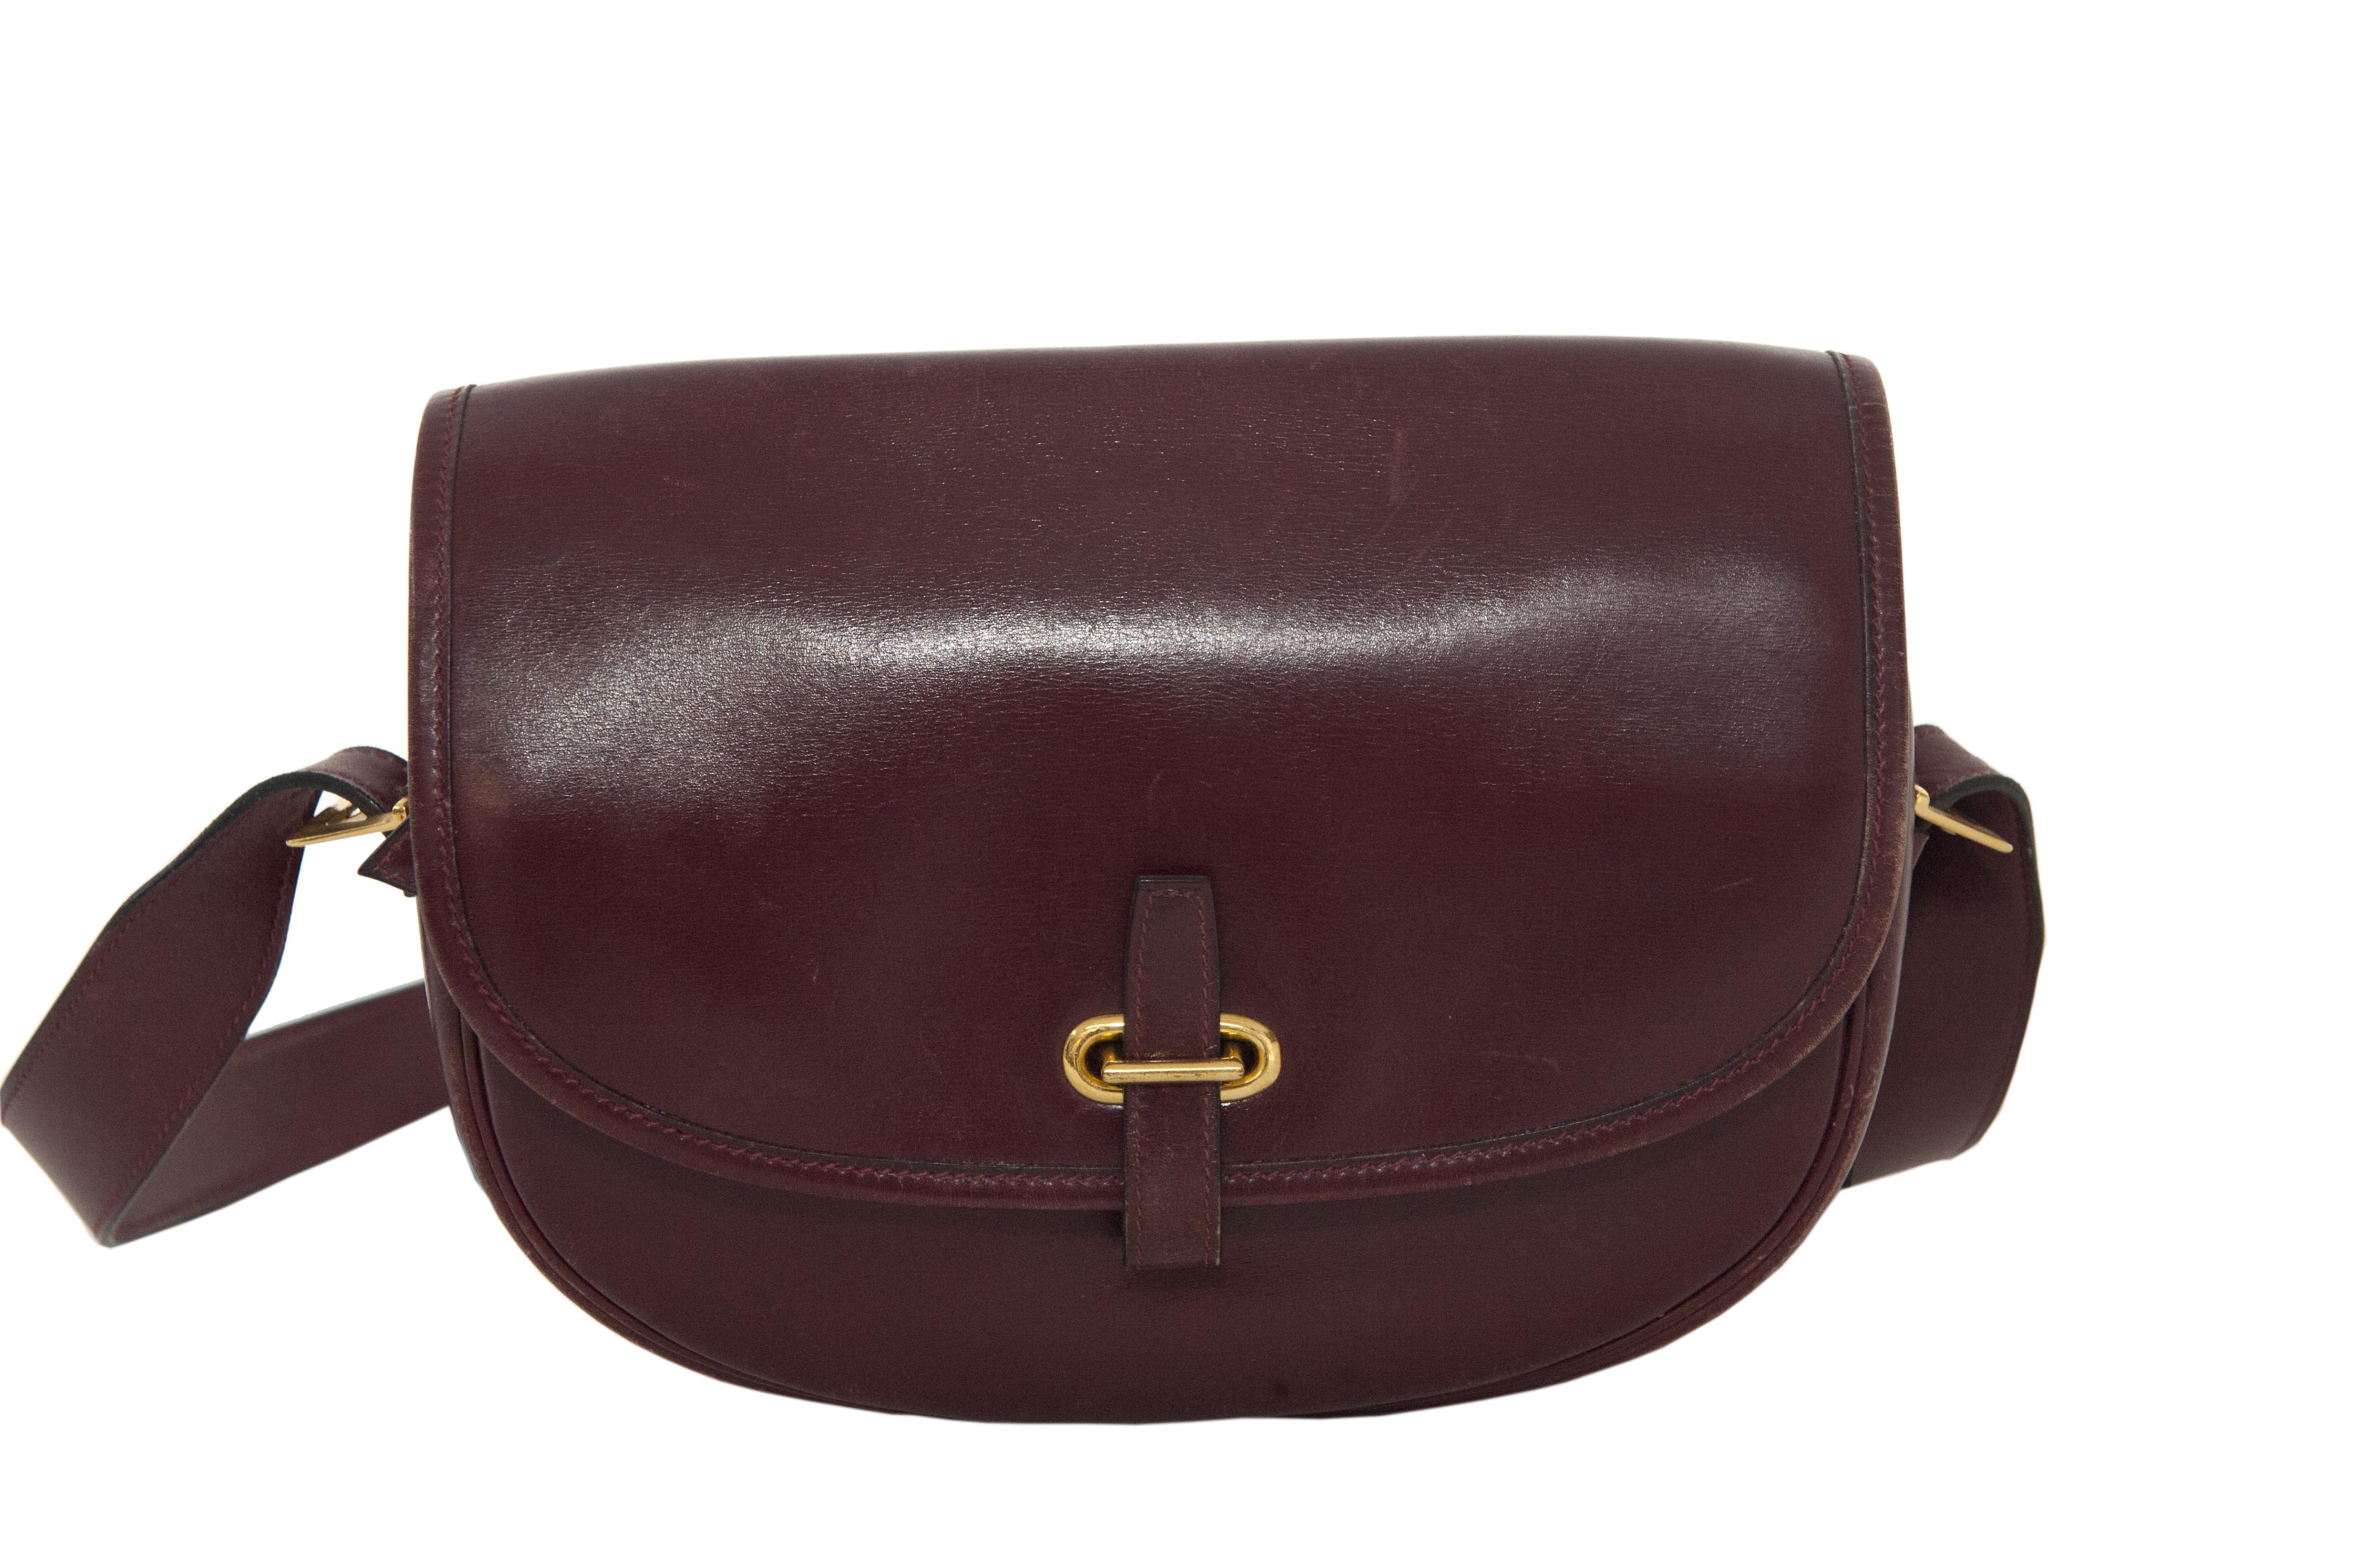 hermes vintage balle de golf shoulder bag best replica. Black Bedroom Furniture Sets. Home Design Ideas